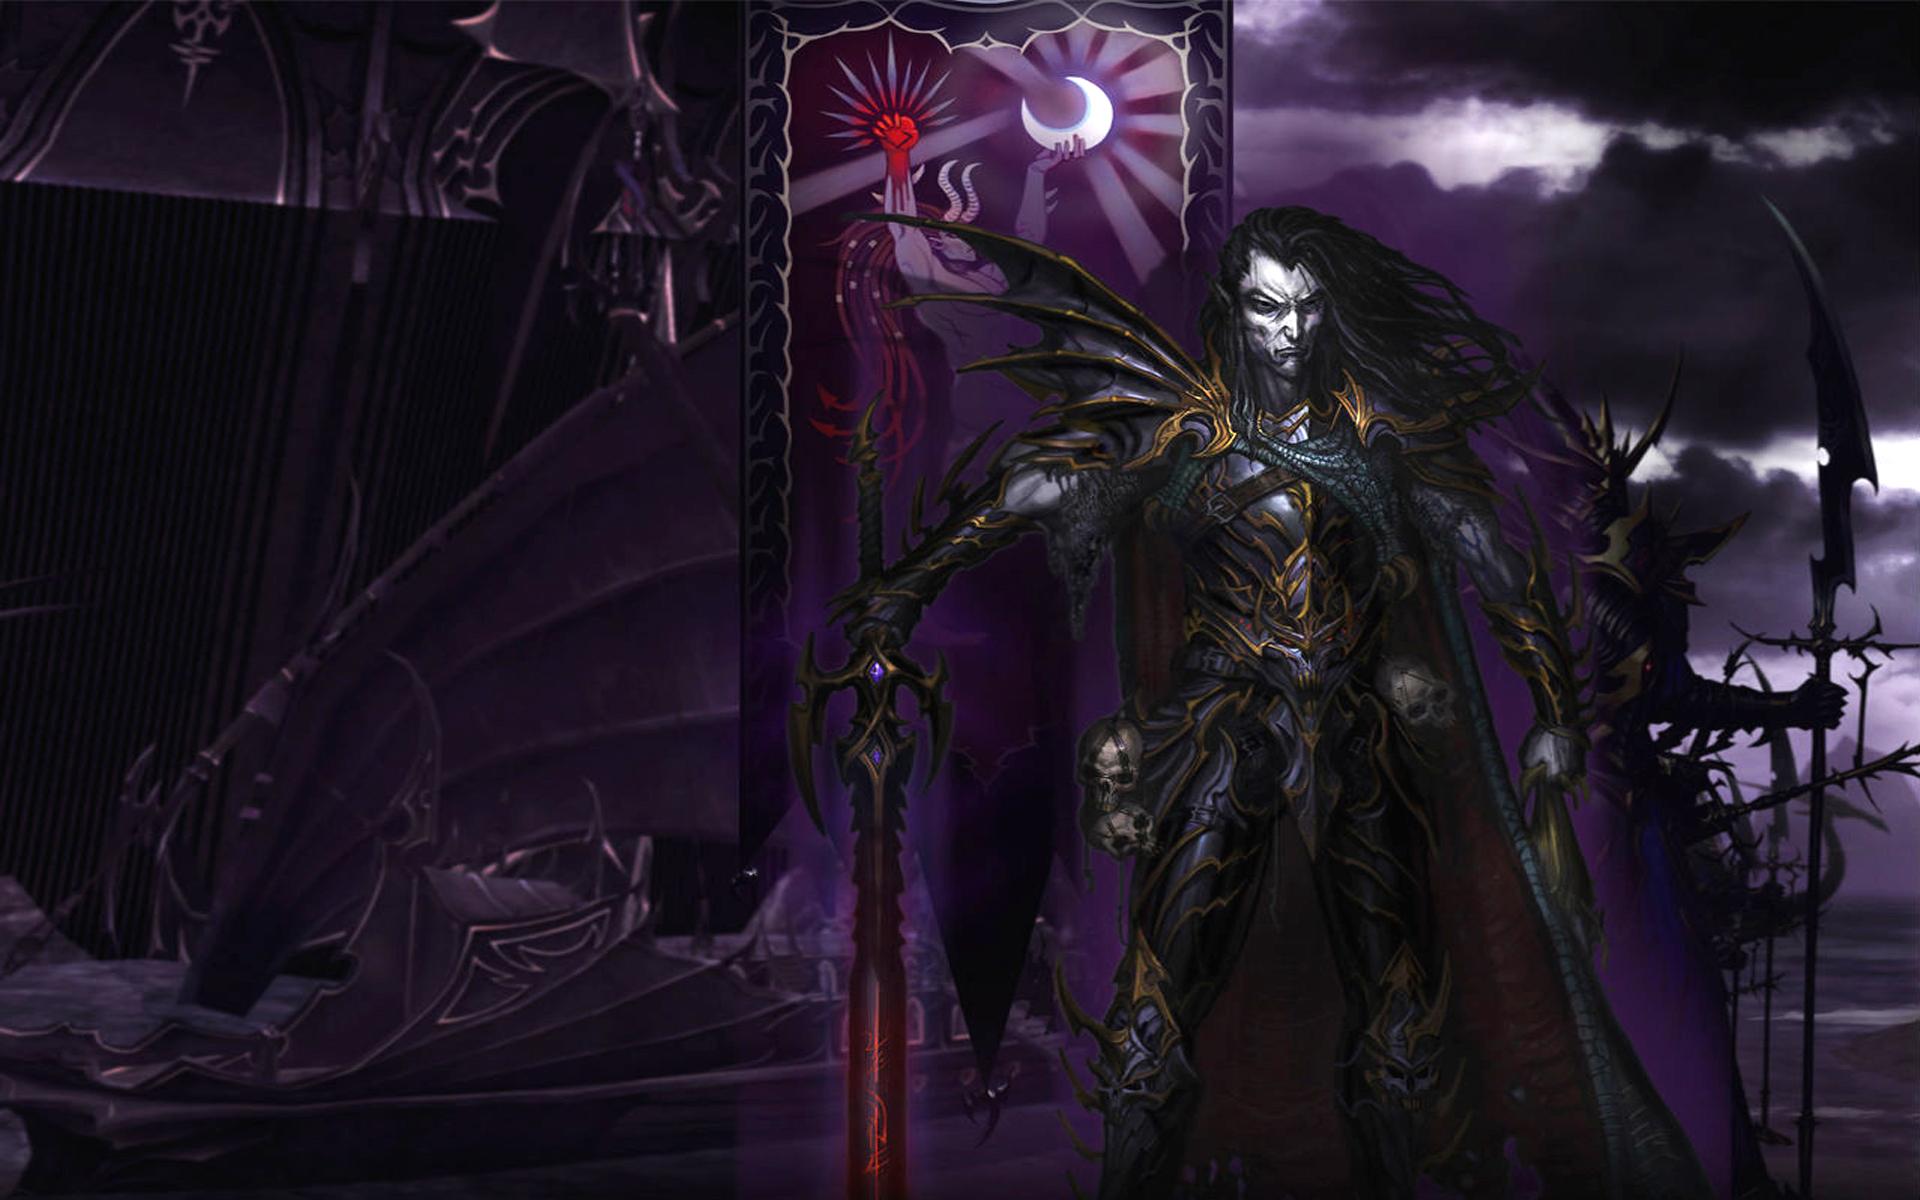 Видеоигры - Warhammer  Malus Darkblade Видеоигры Игры Война колдун Тьма Weapon Череп Обои